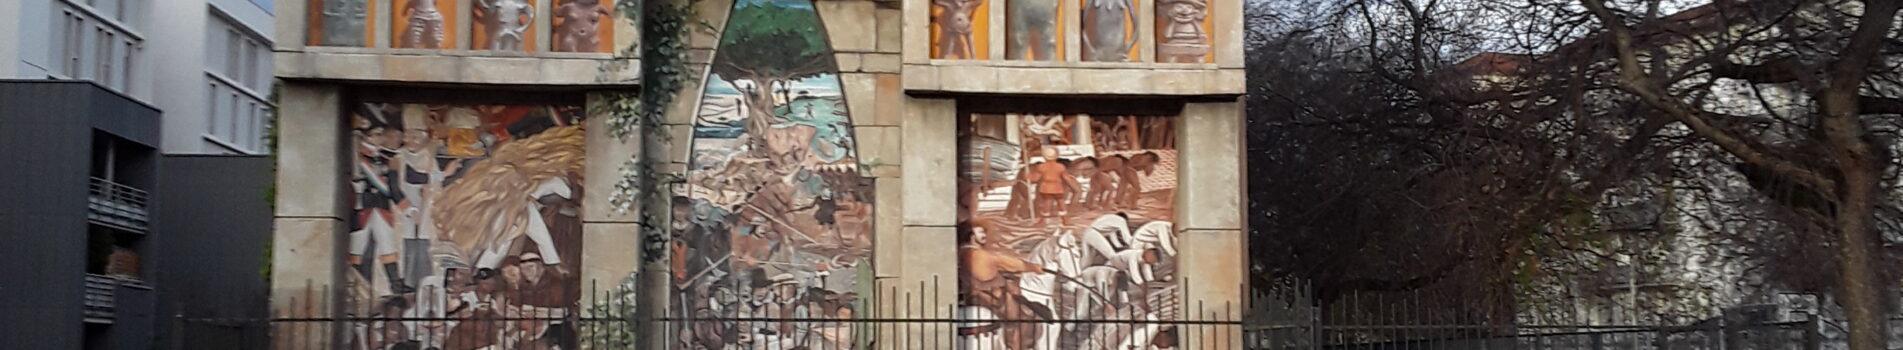 Fachada prehipánica del Espacio Diego Rivera.